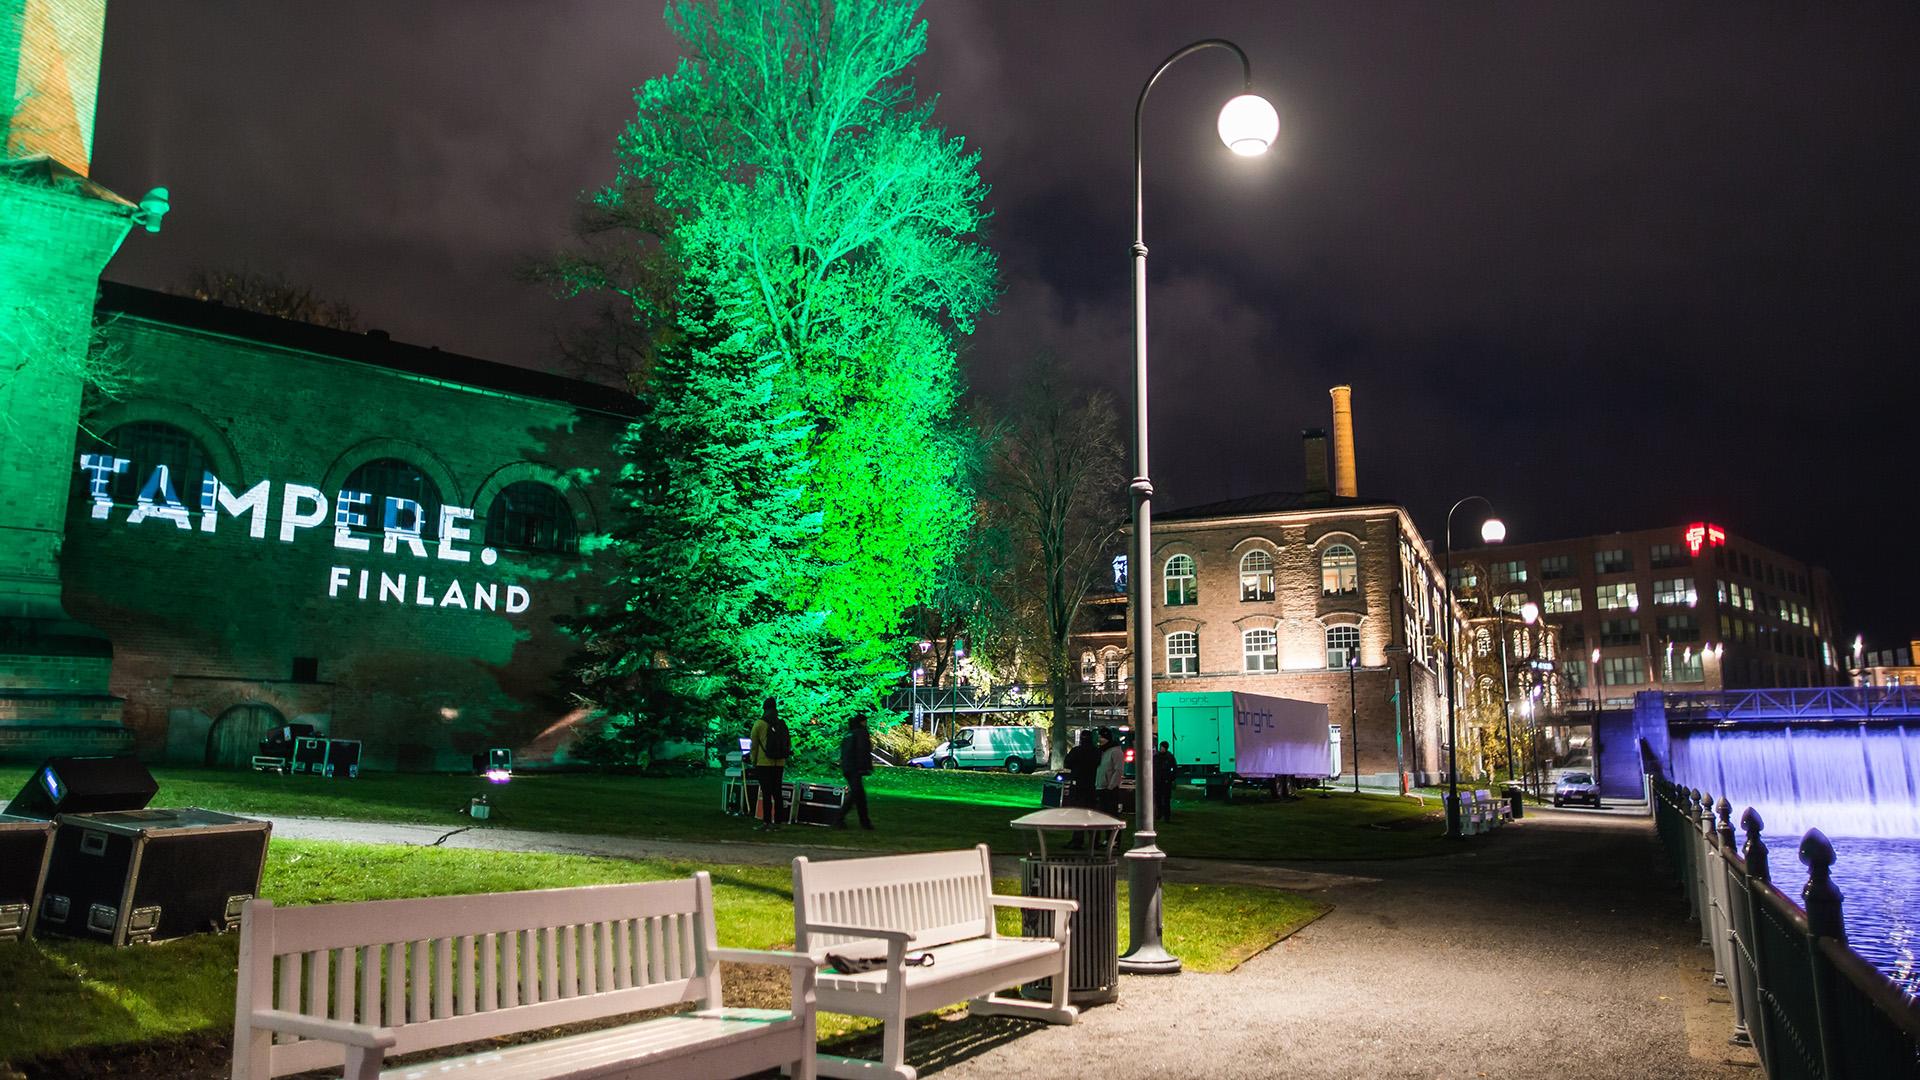 Visit Tampere Valoviikkojen avajaiset teaser Laura Vanzo 3